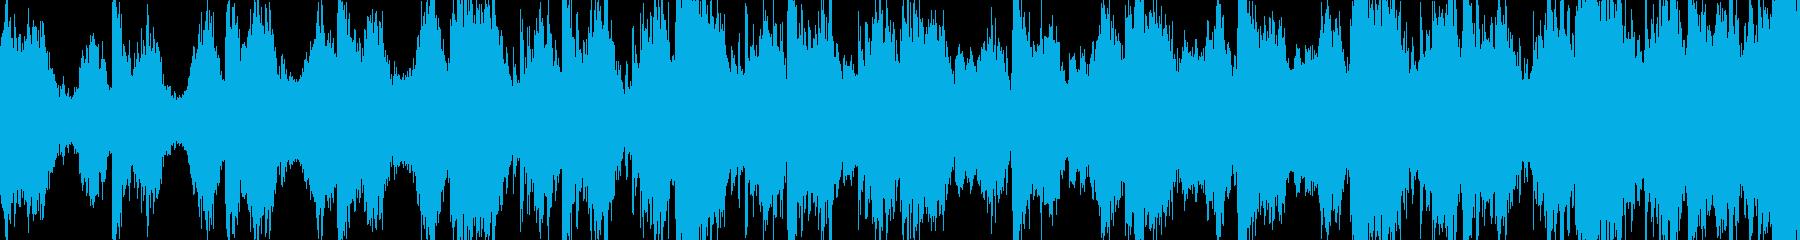 マジで怖いホラーBGMの再生済みの波形